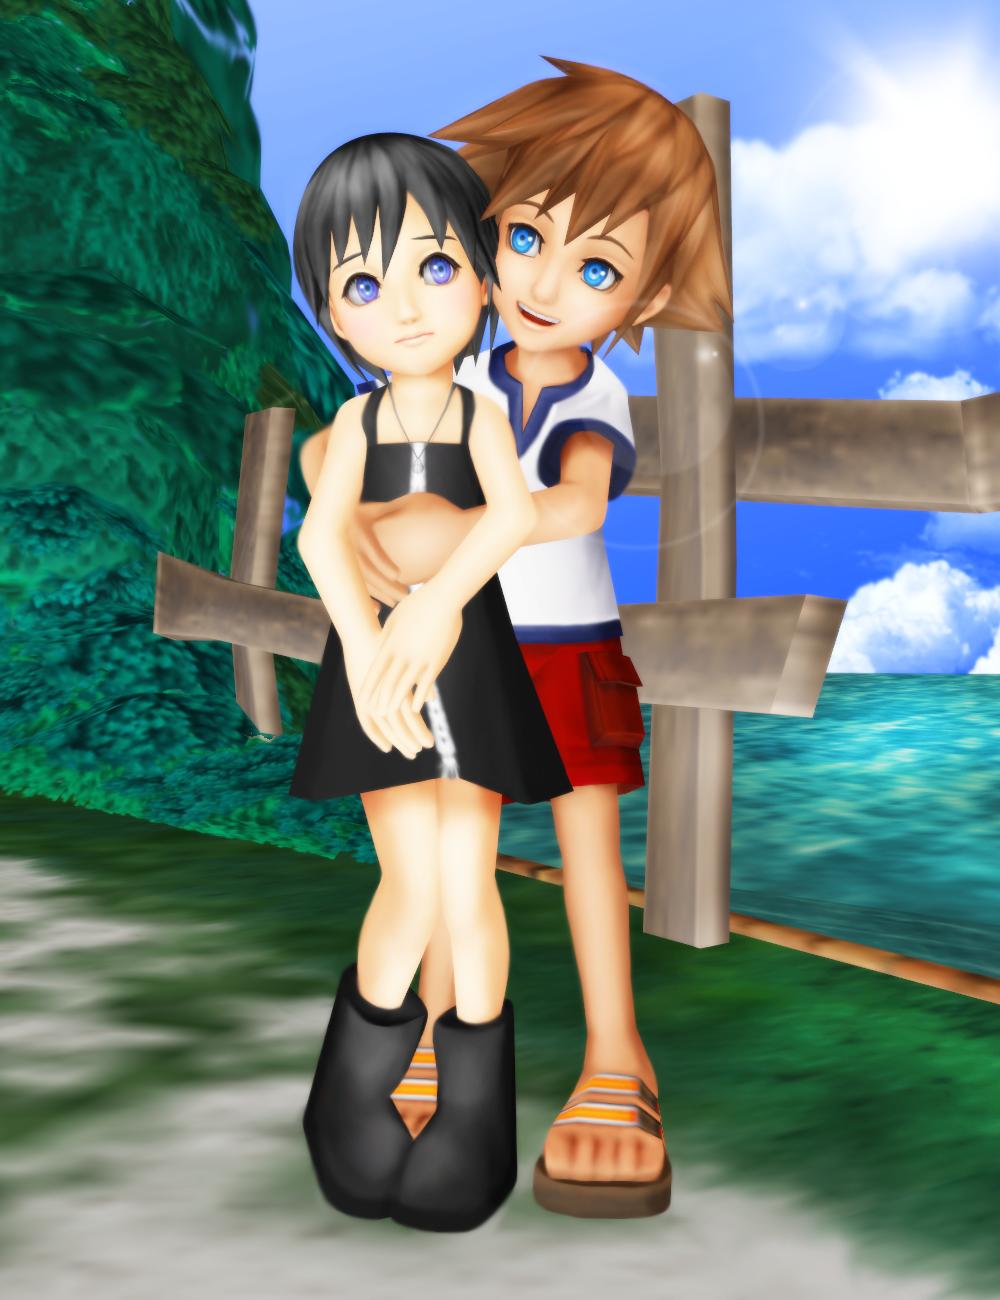 Be My Friend - Sora/Xion Day 2013 by SorasPrincesss